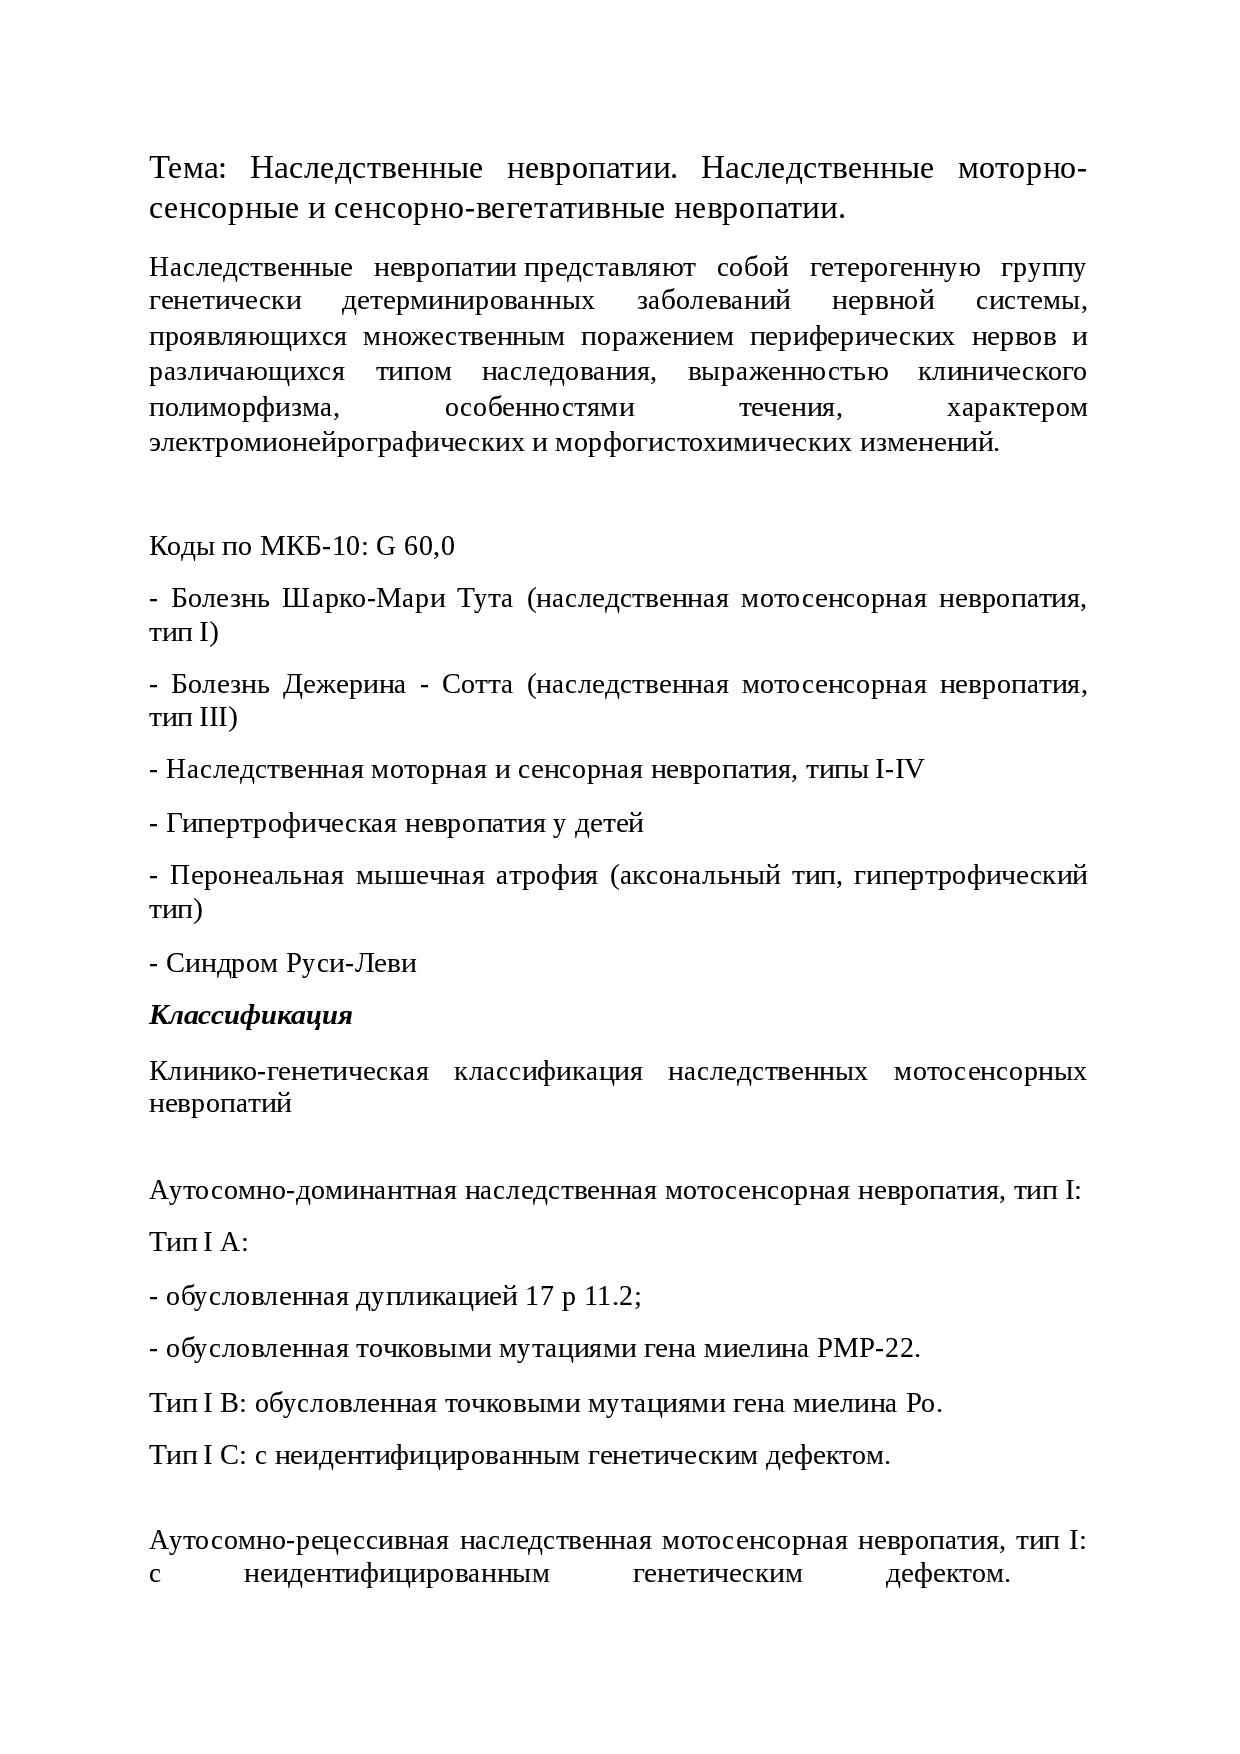 Невральная амиотрофия шарко-мари (стр. 1 из 2)